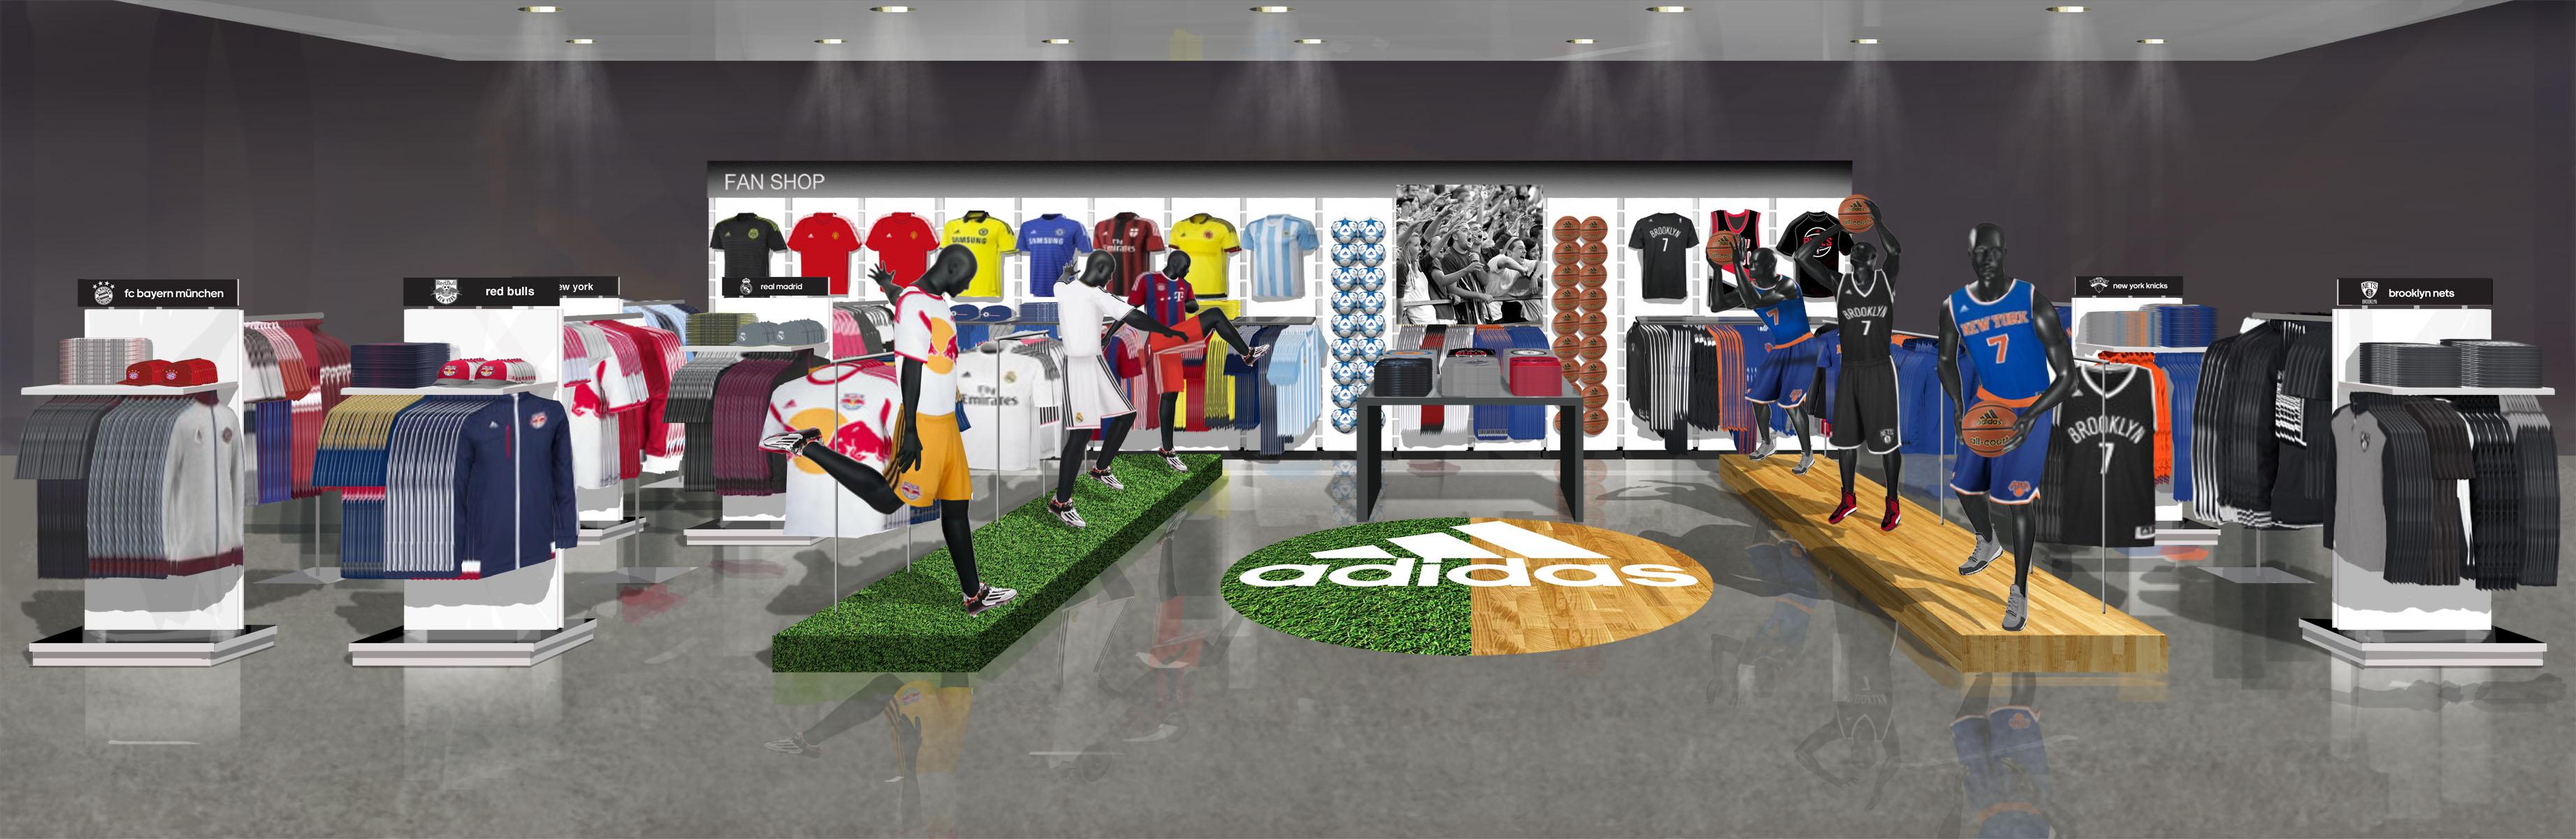 Adidas Fan Shop Portland, OR